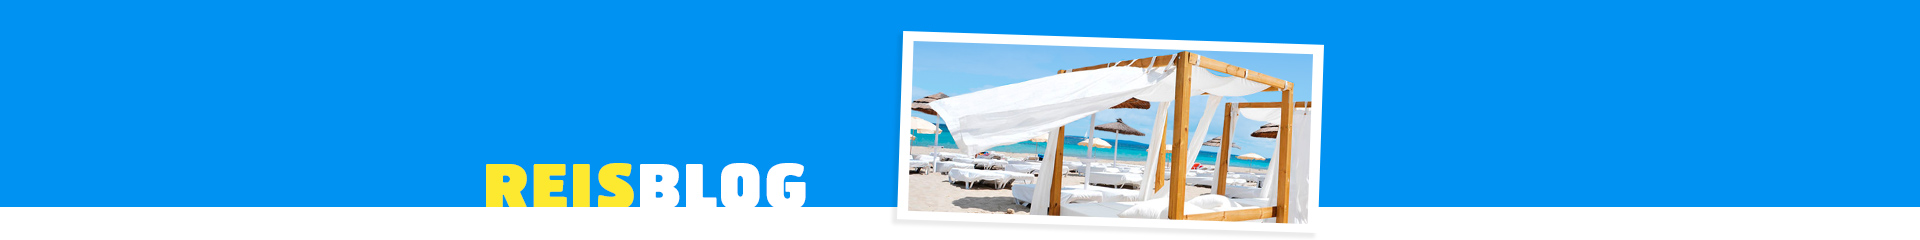 Zonnebed, op het strandmet blauwe zee op de achtergrond